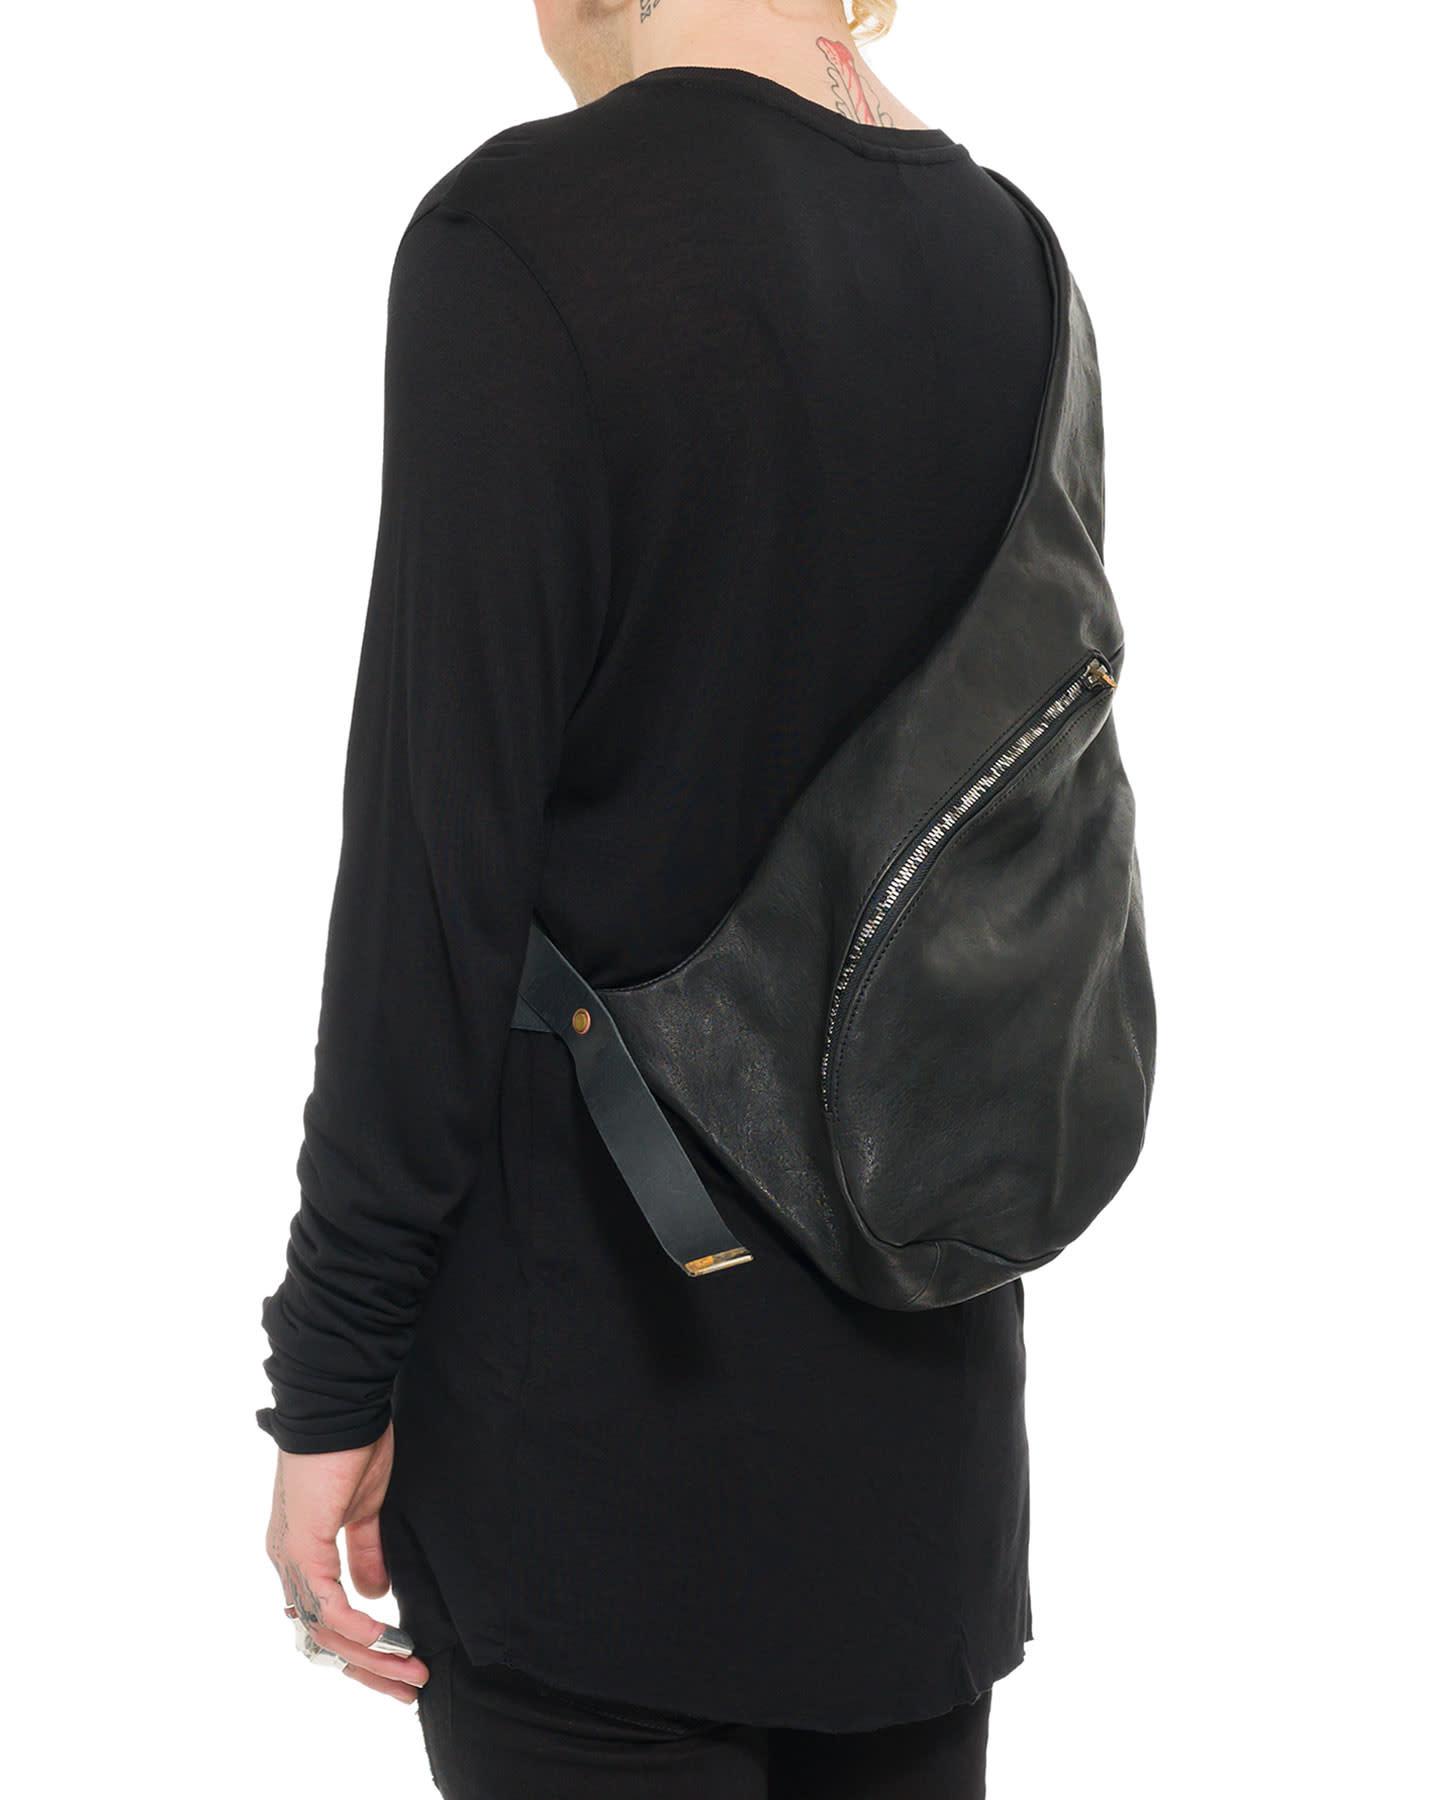 1 SHOULDER BAG HORSE LEATHER - BLACK